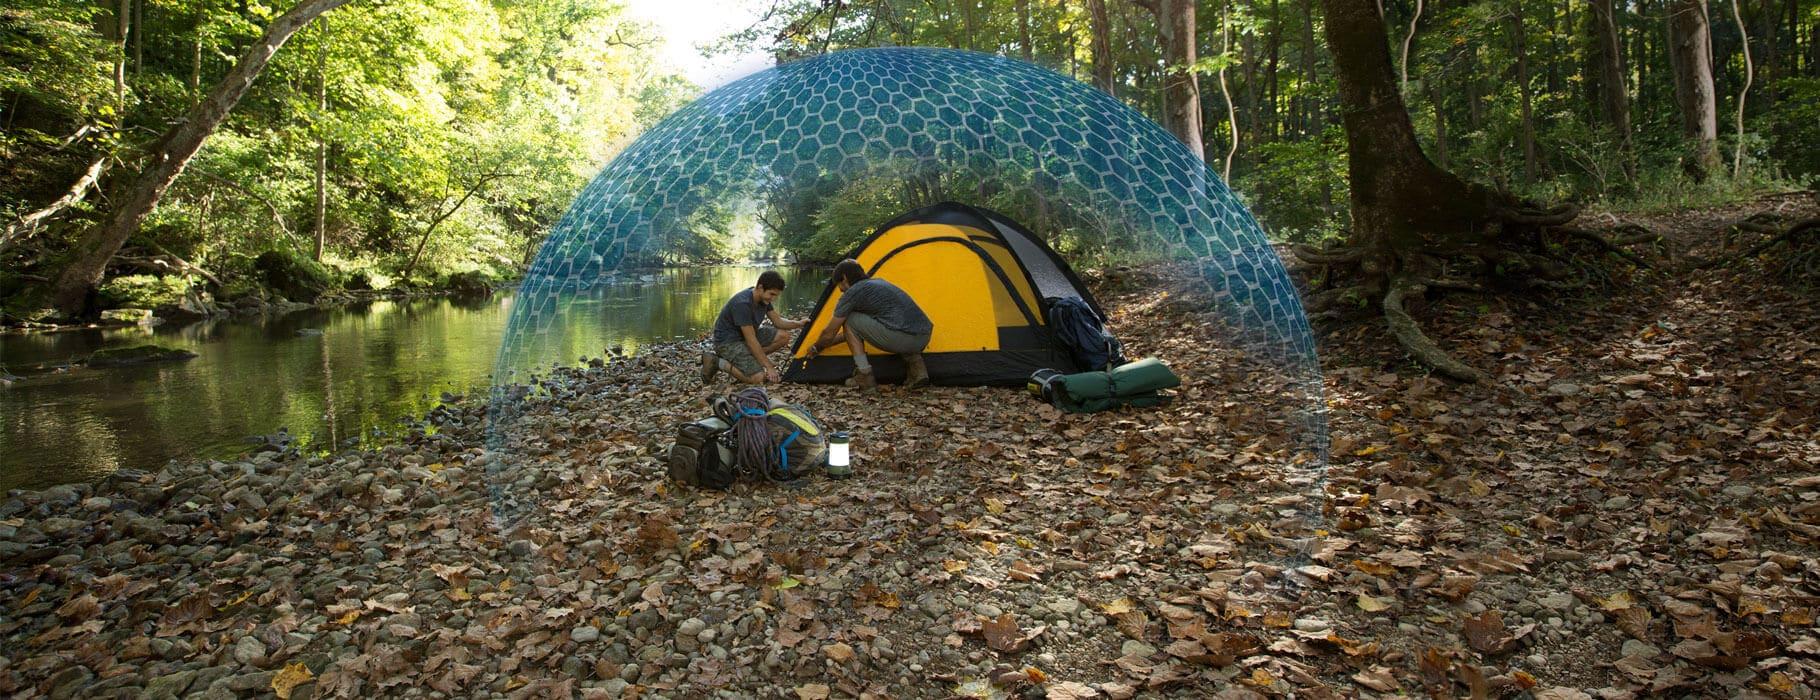 Produkty na komary Thermacell parasol Ochronny urządzenie na komary